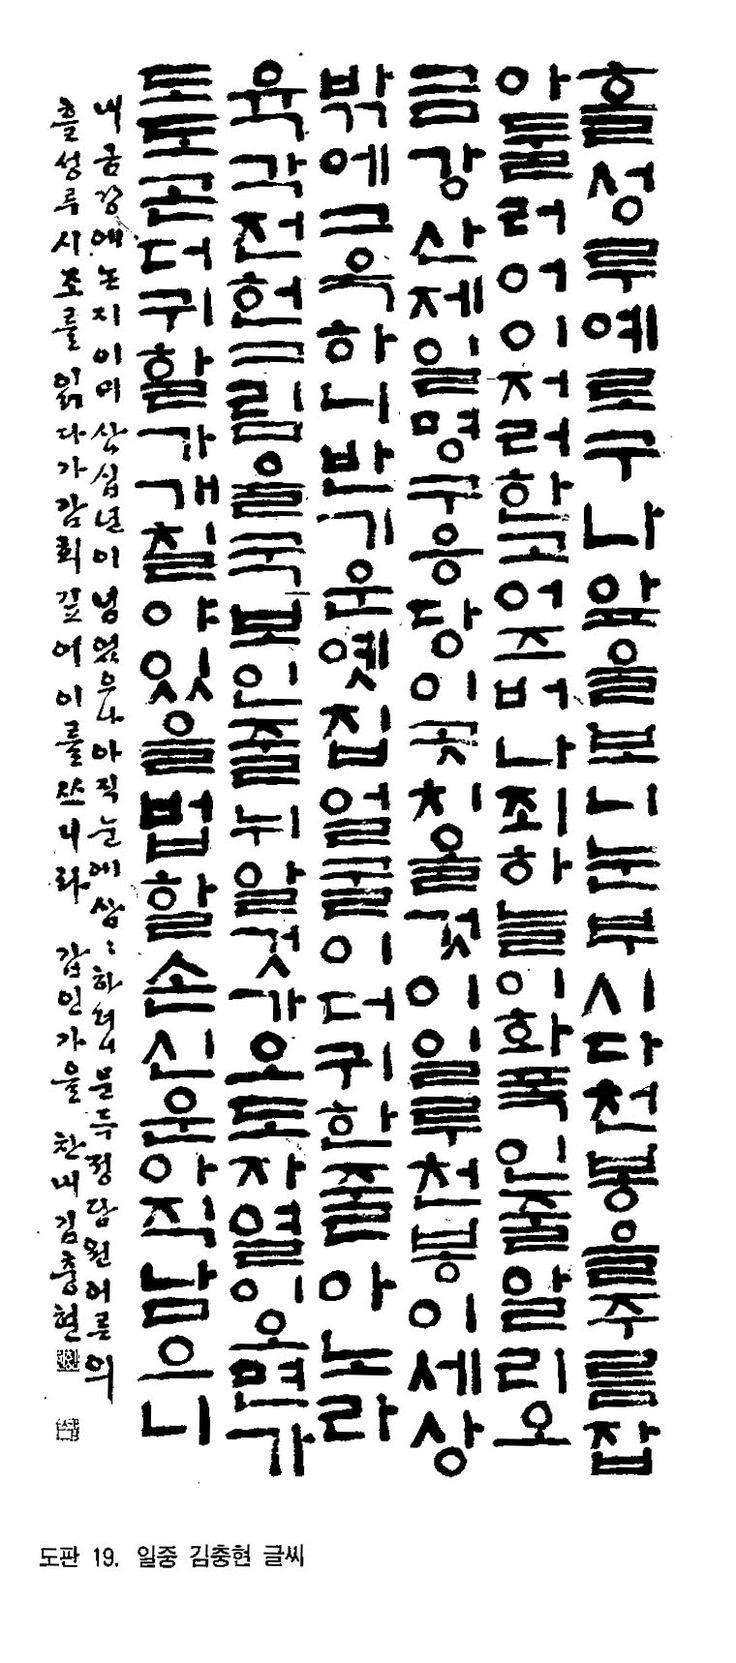 t115A w1 조희진 08 '조선시대 한글서예'에 수록 됨. 20세기에 활동한 서예가 일중 김충현의 글씨이다. 정결된 판본체가 특징적이다.